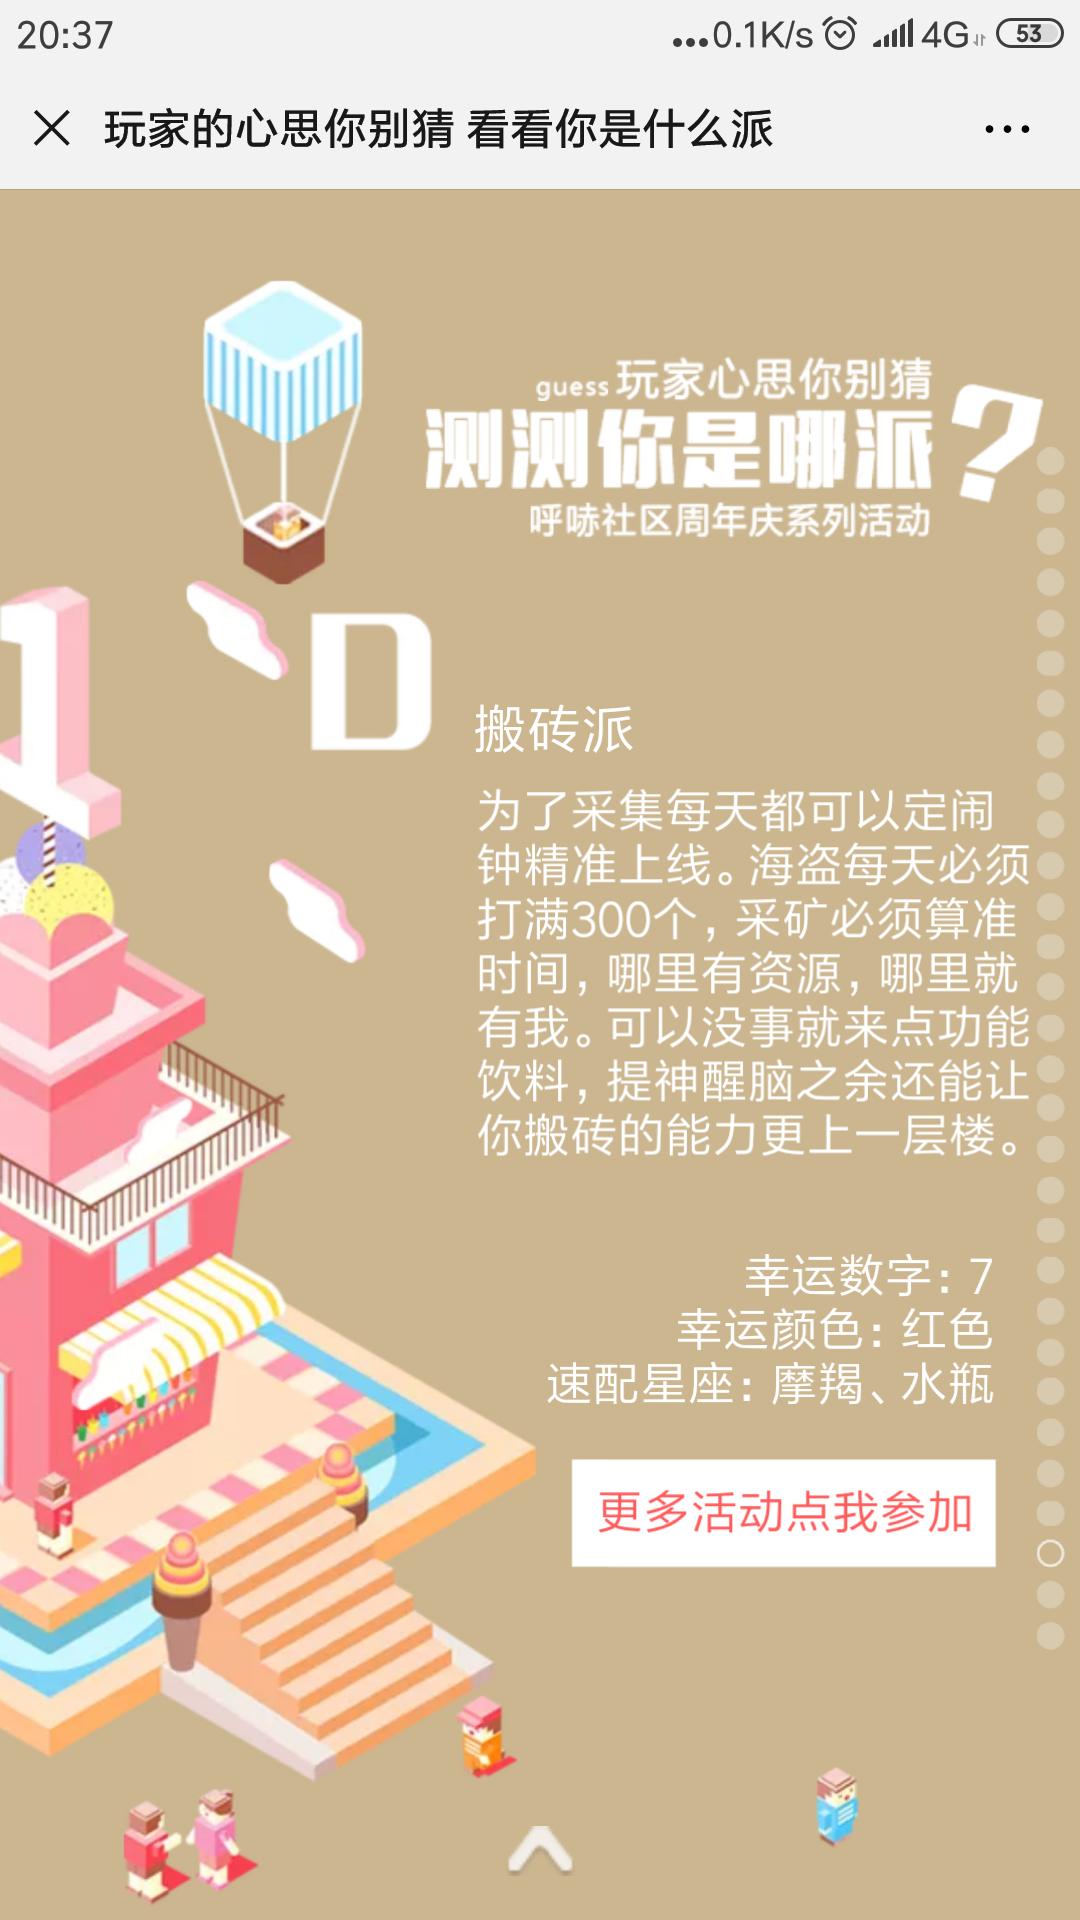 Screenshot_2019-07-25-20-37-07-592_com.tencent.mm.png